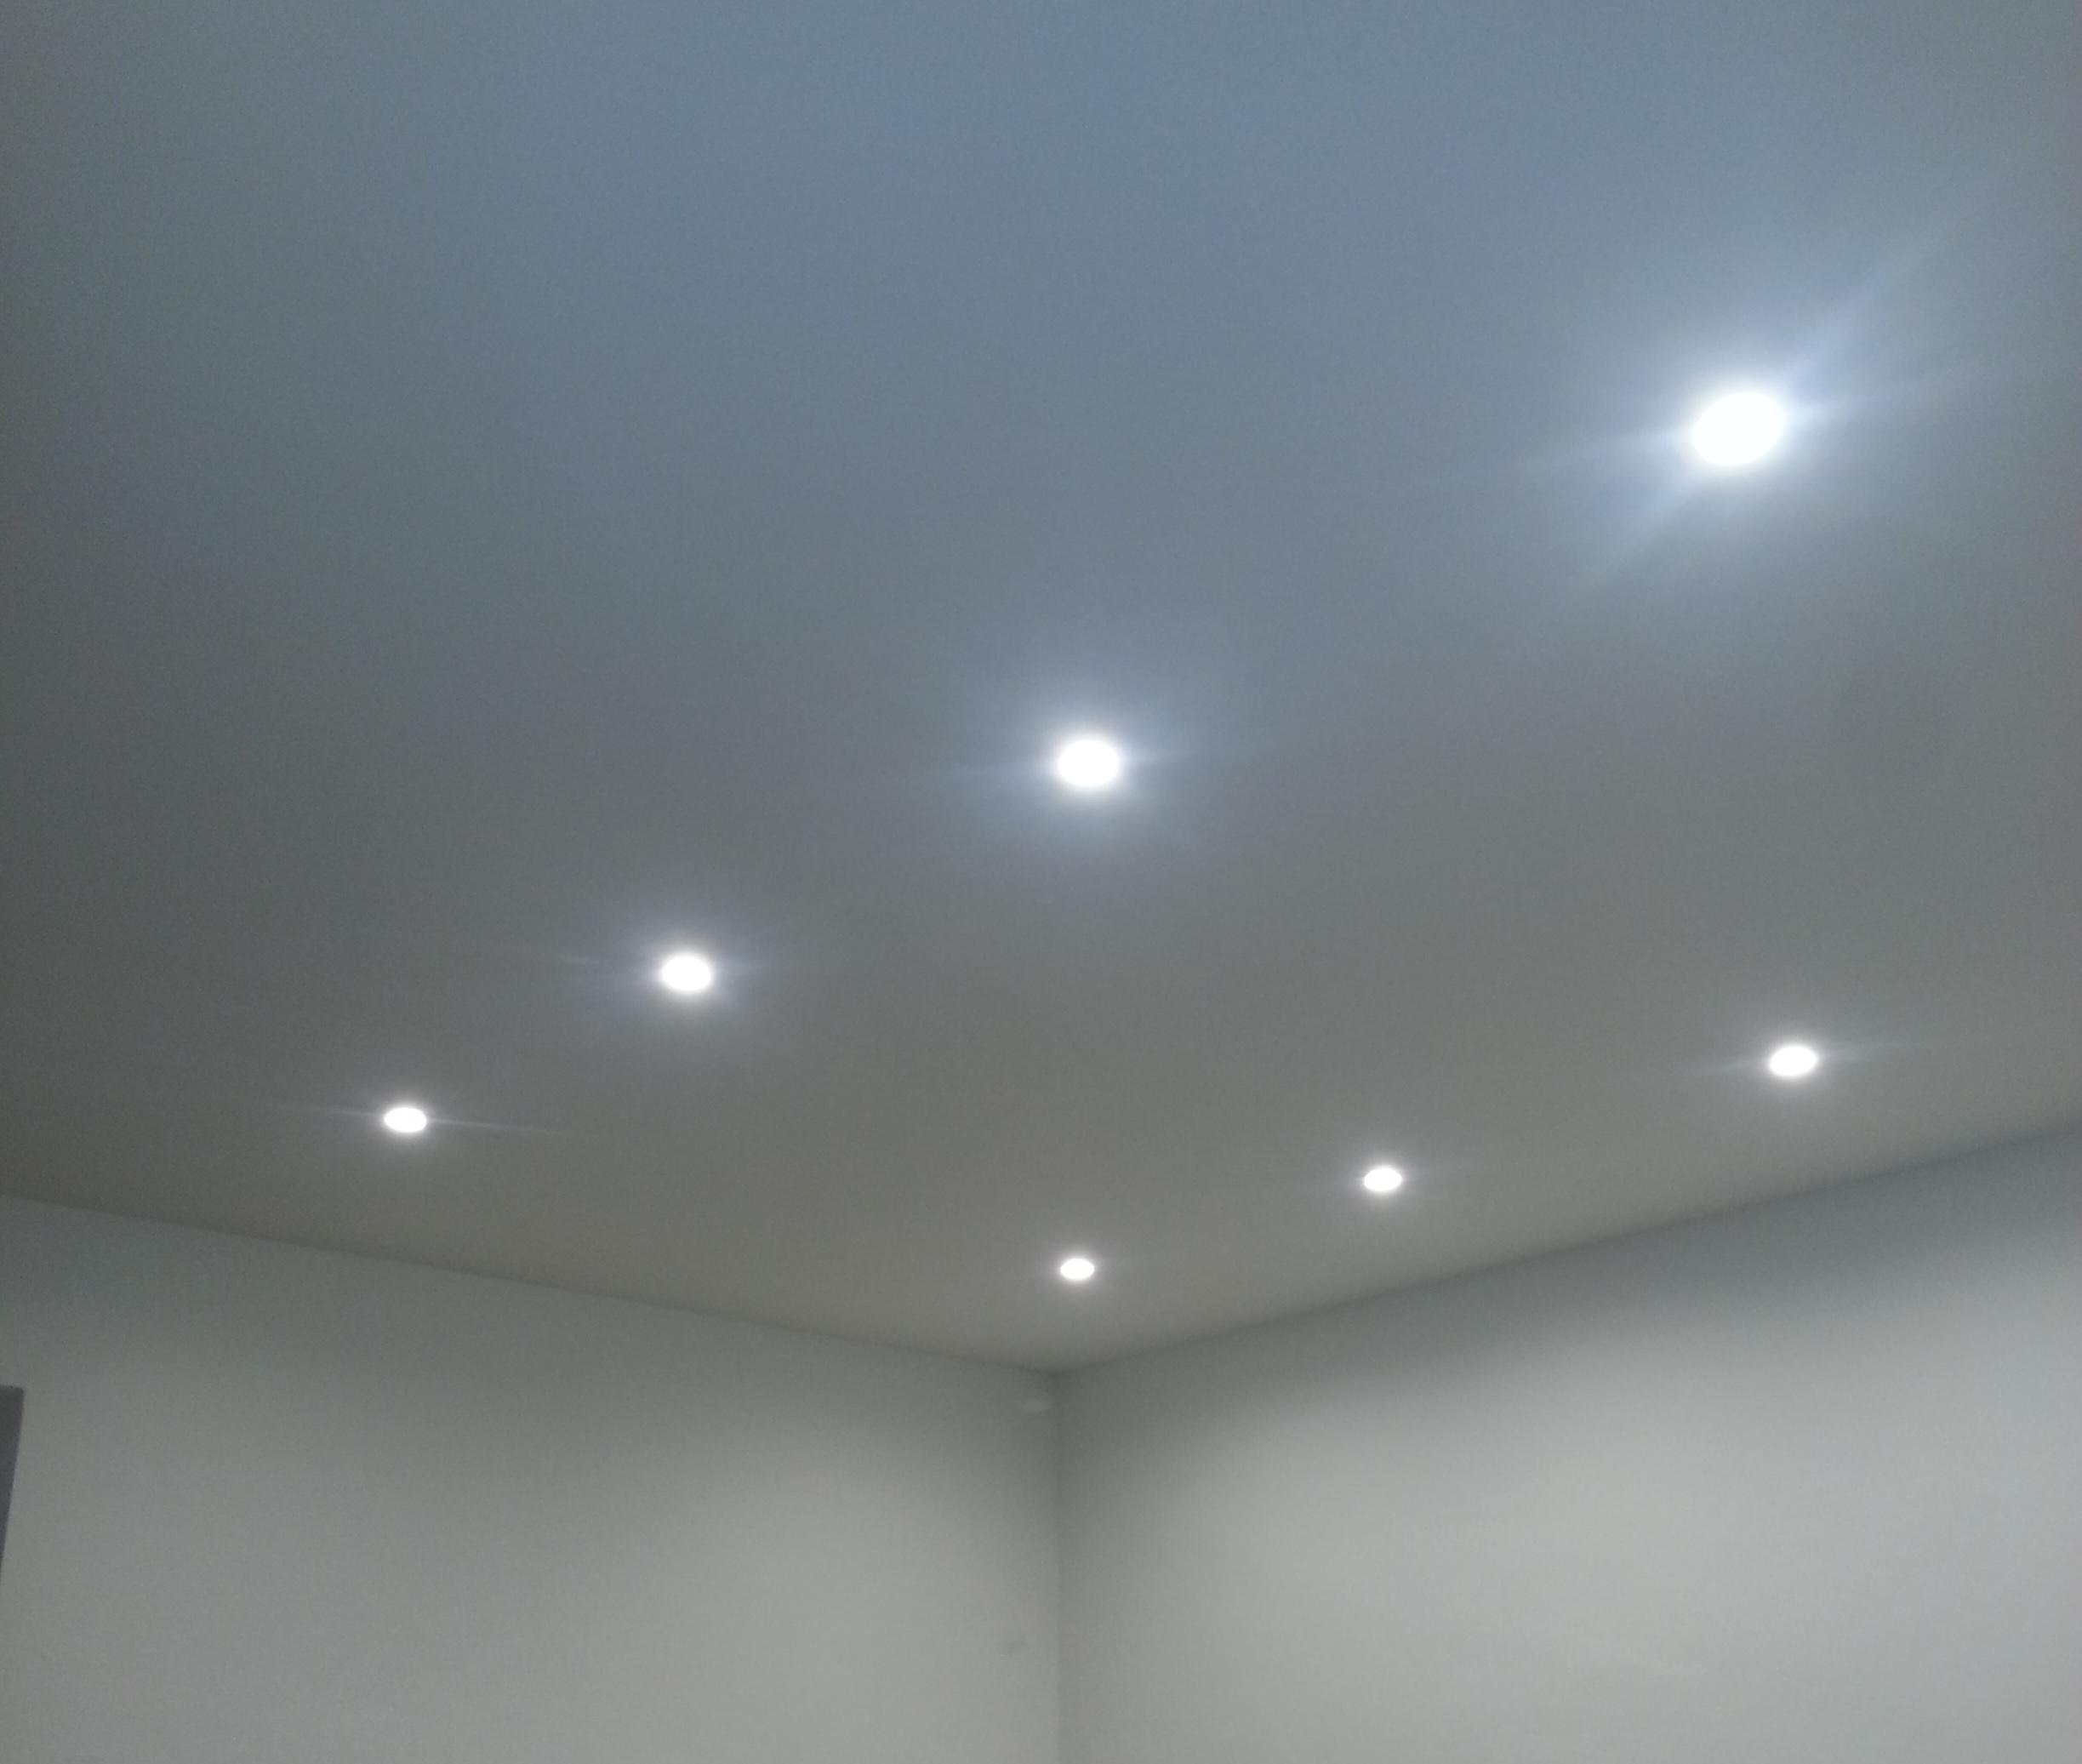 Impianti Elettrici - Illuminazione